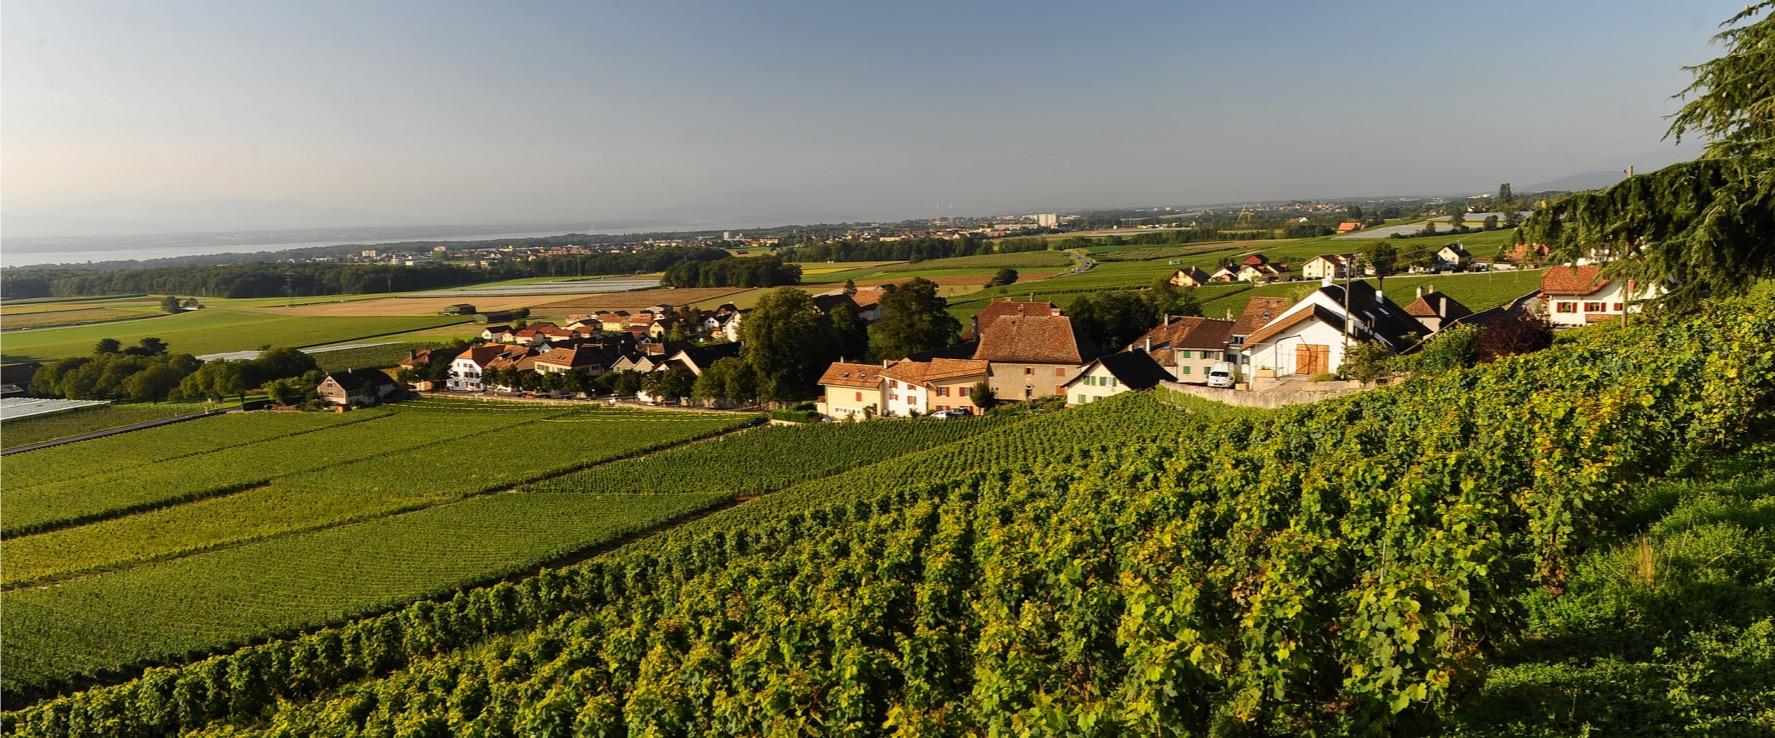 Le village de Luins